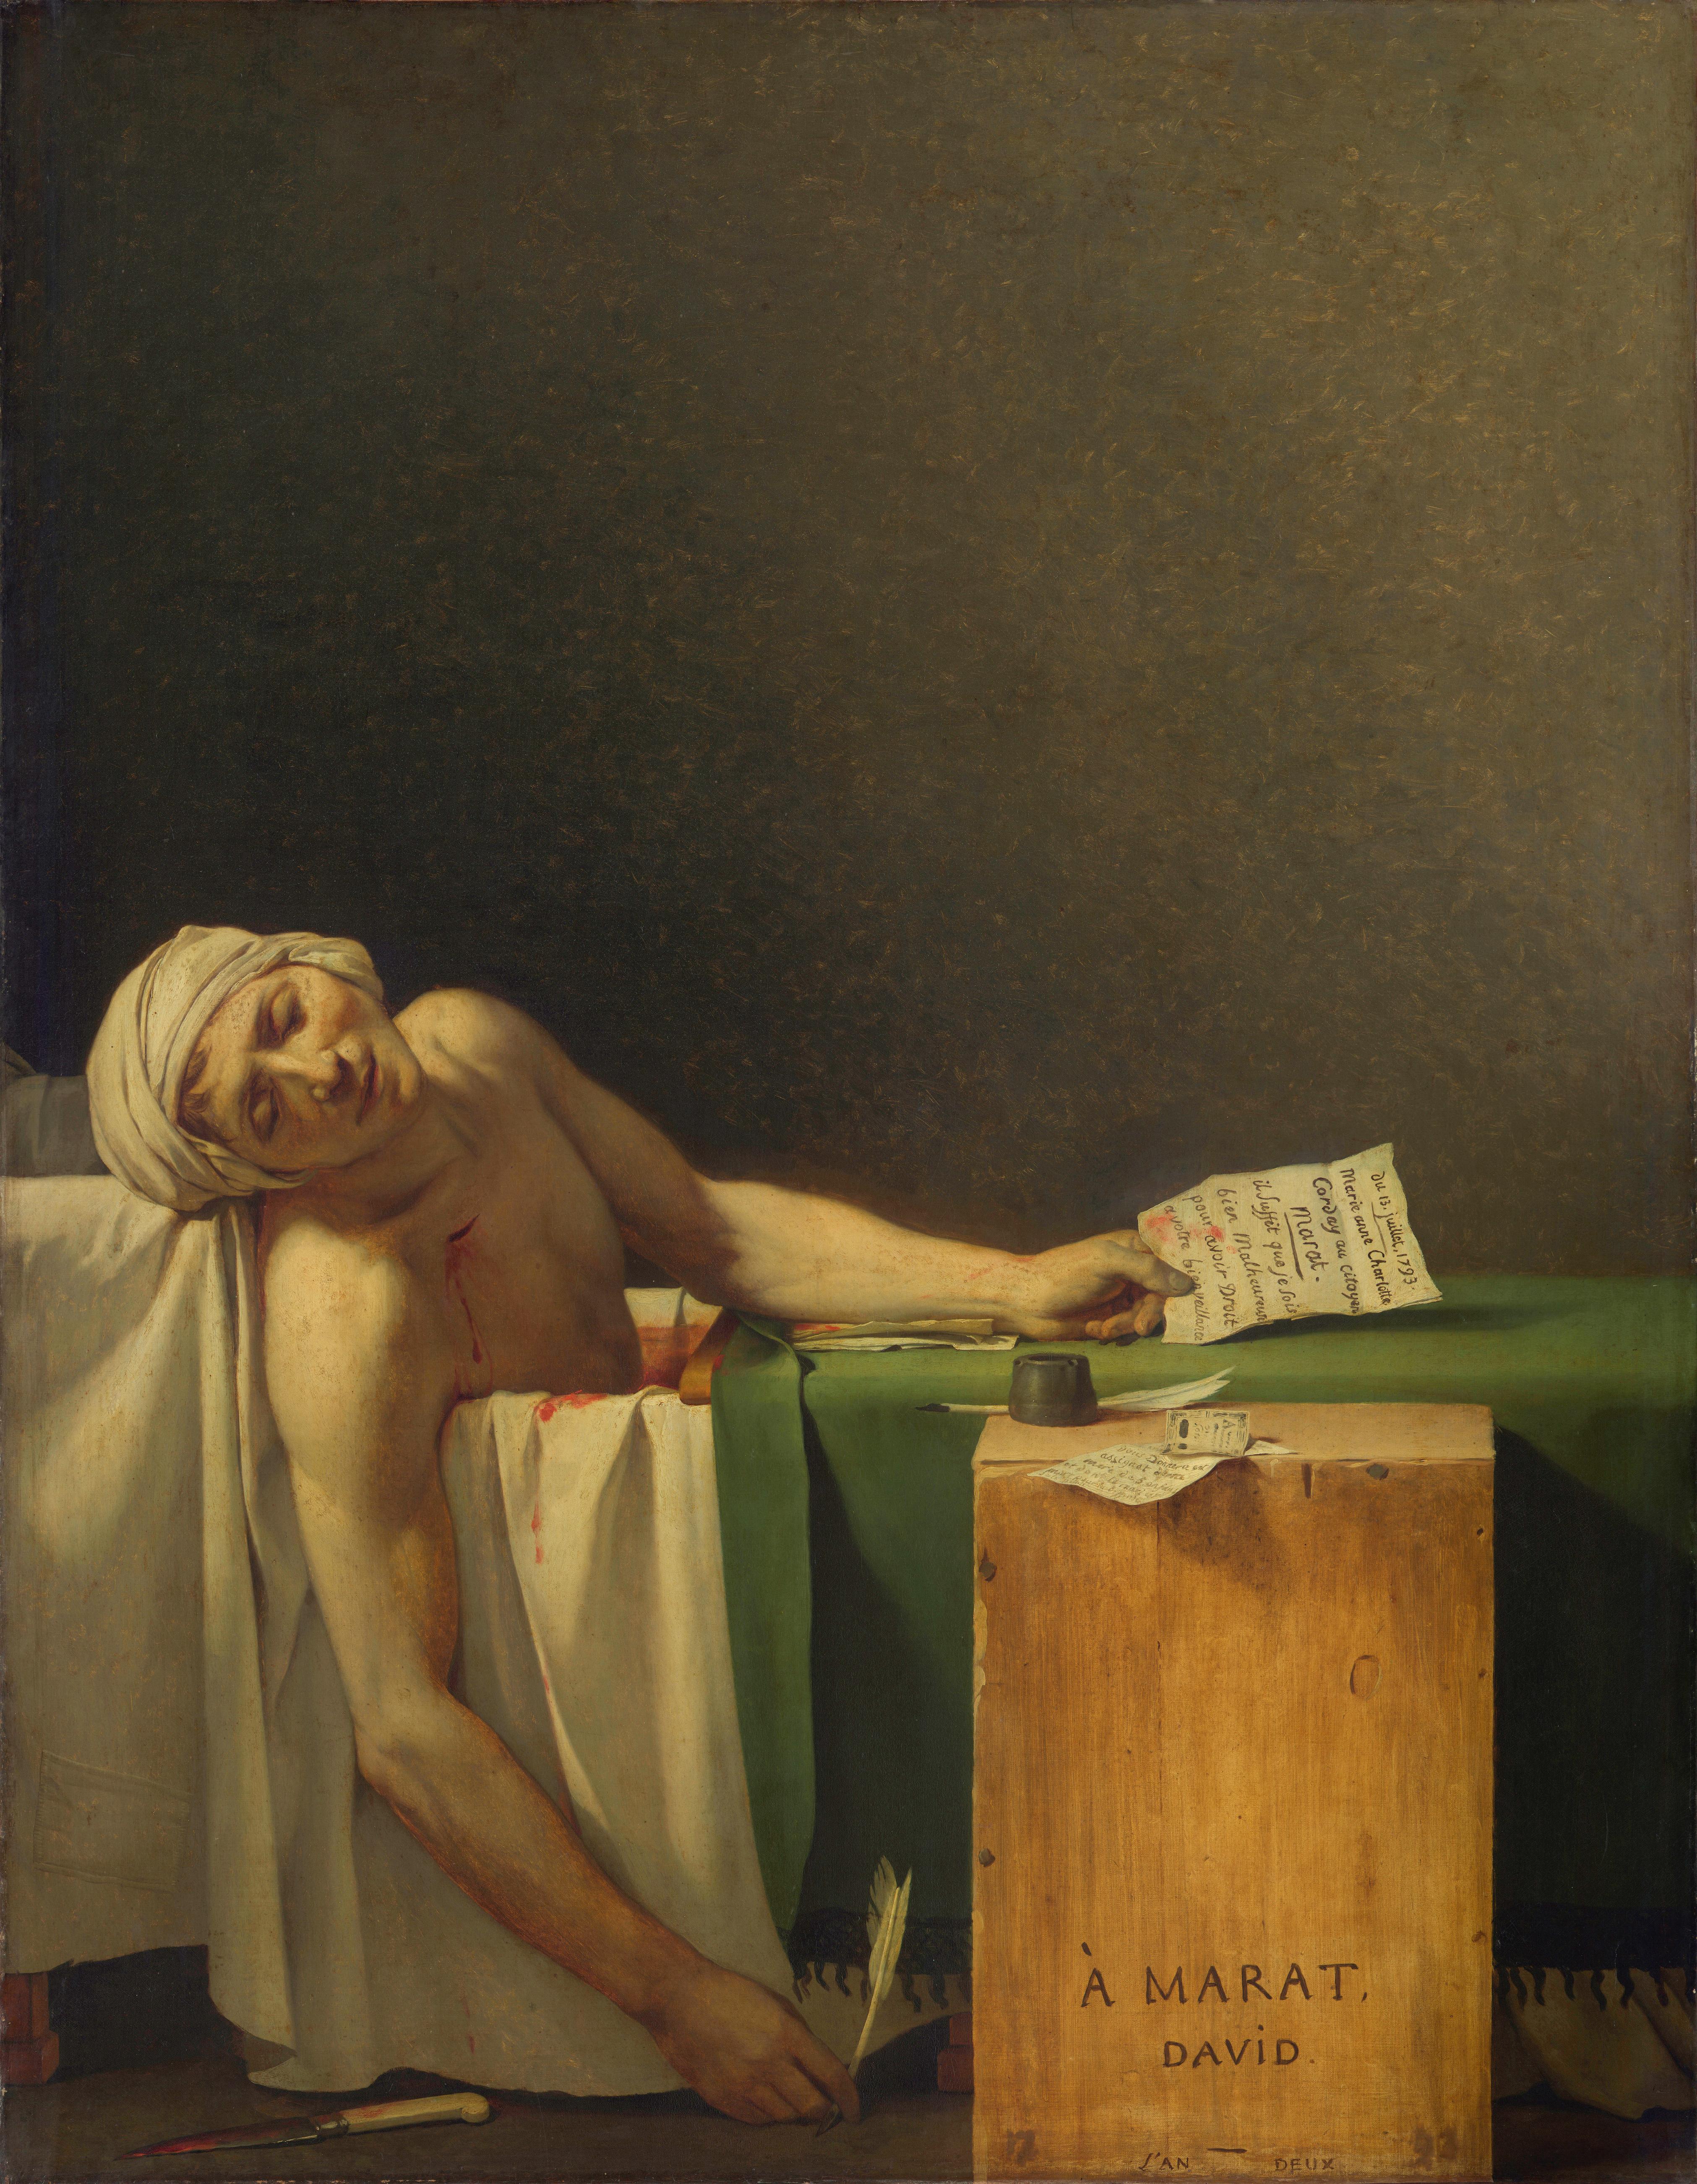 Depiction of La muerte de Marat